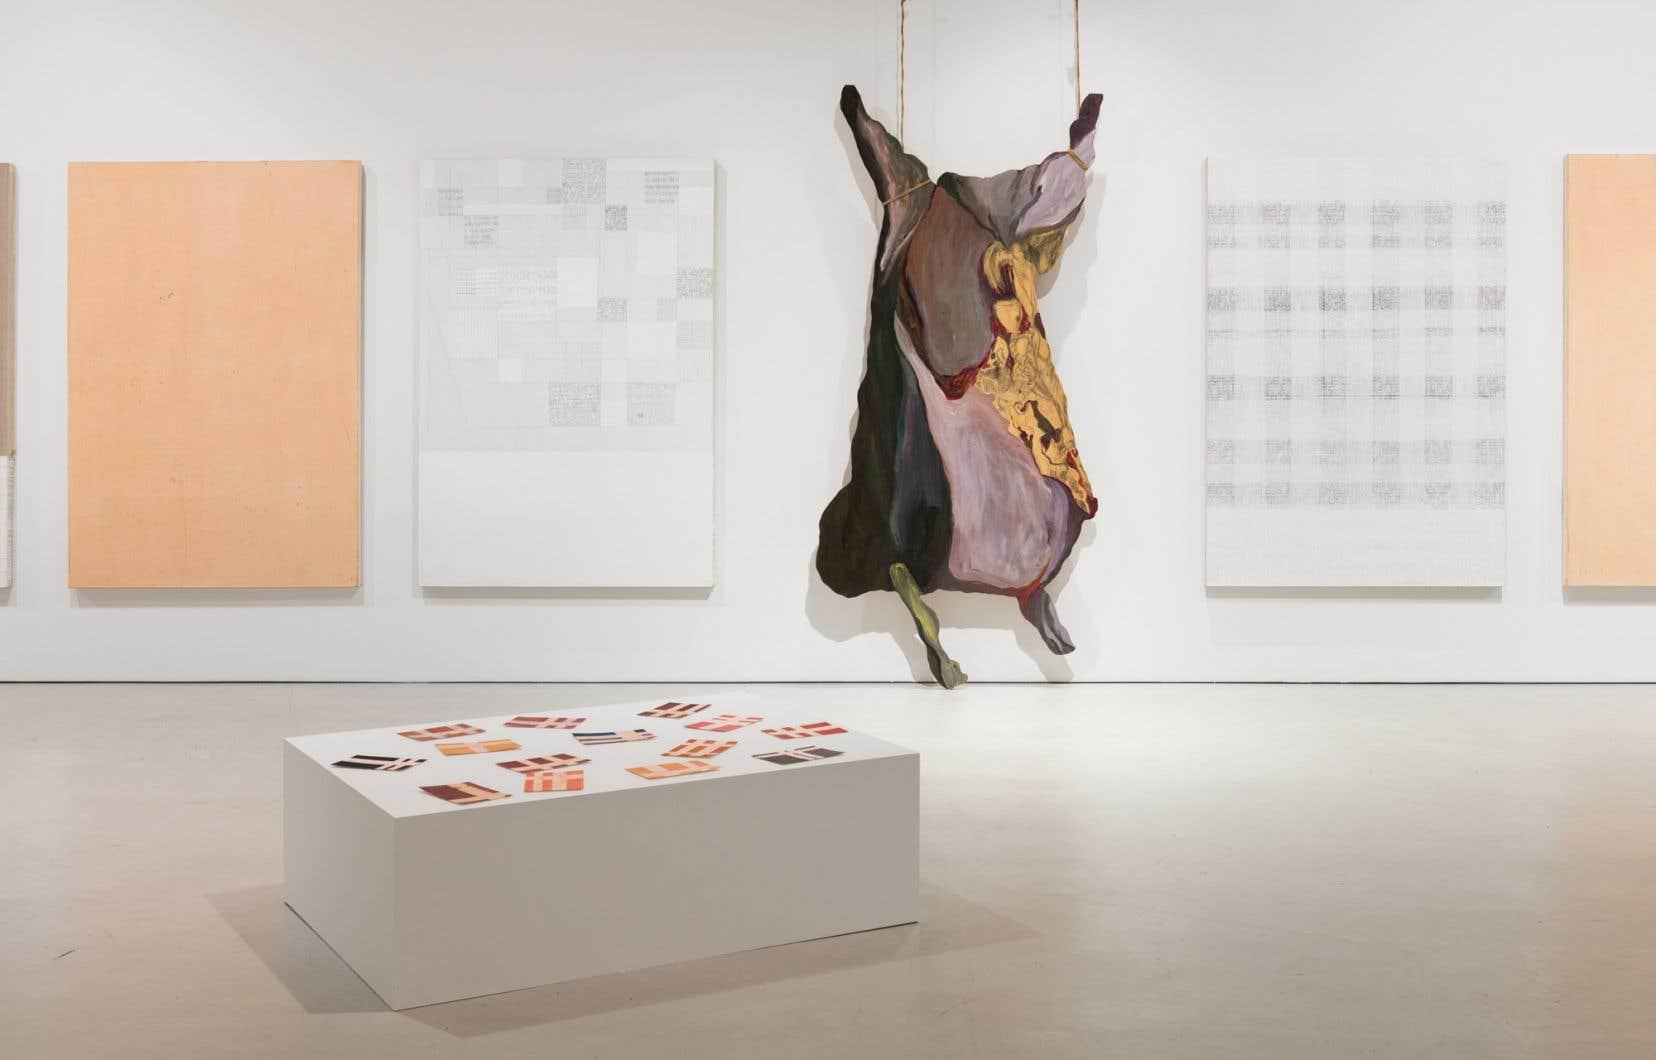 Vue de l'exposition «Les ouvrages et les heures<i>»</i>de Monique Régimbald-Zeiber au Musée d'art de Joliette